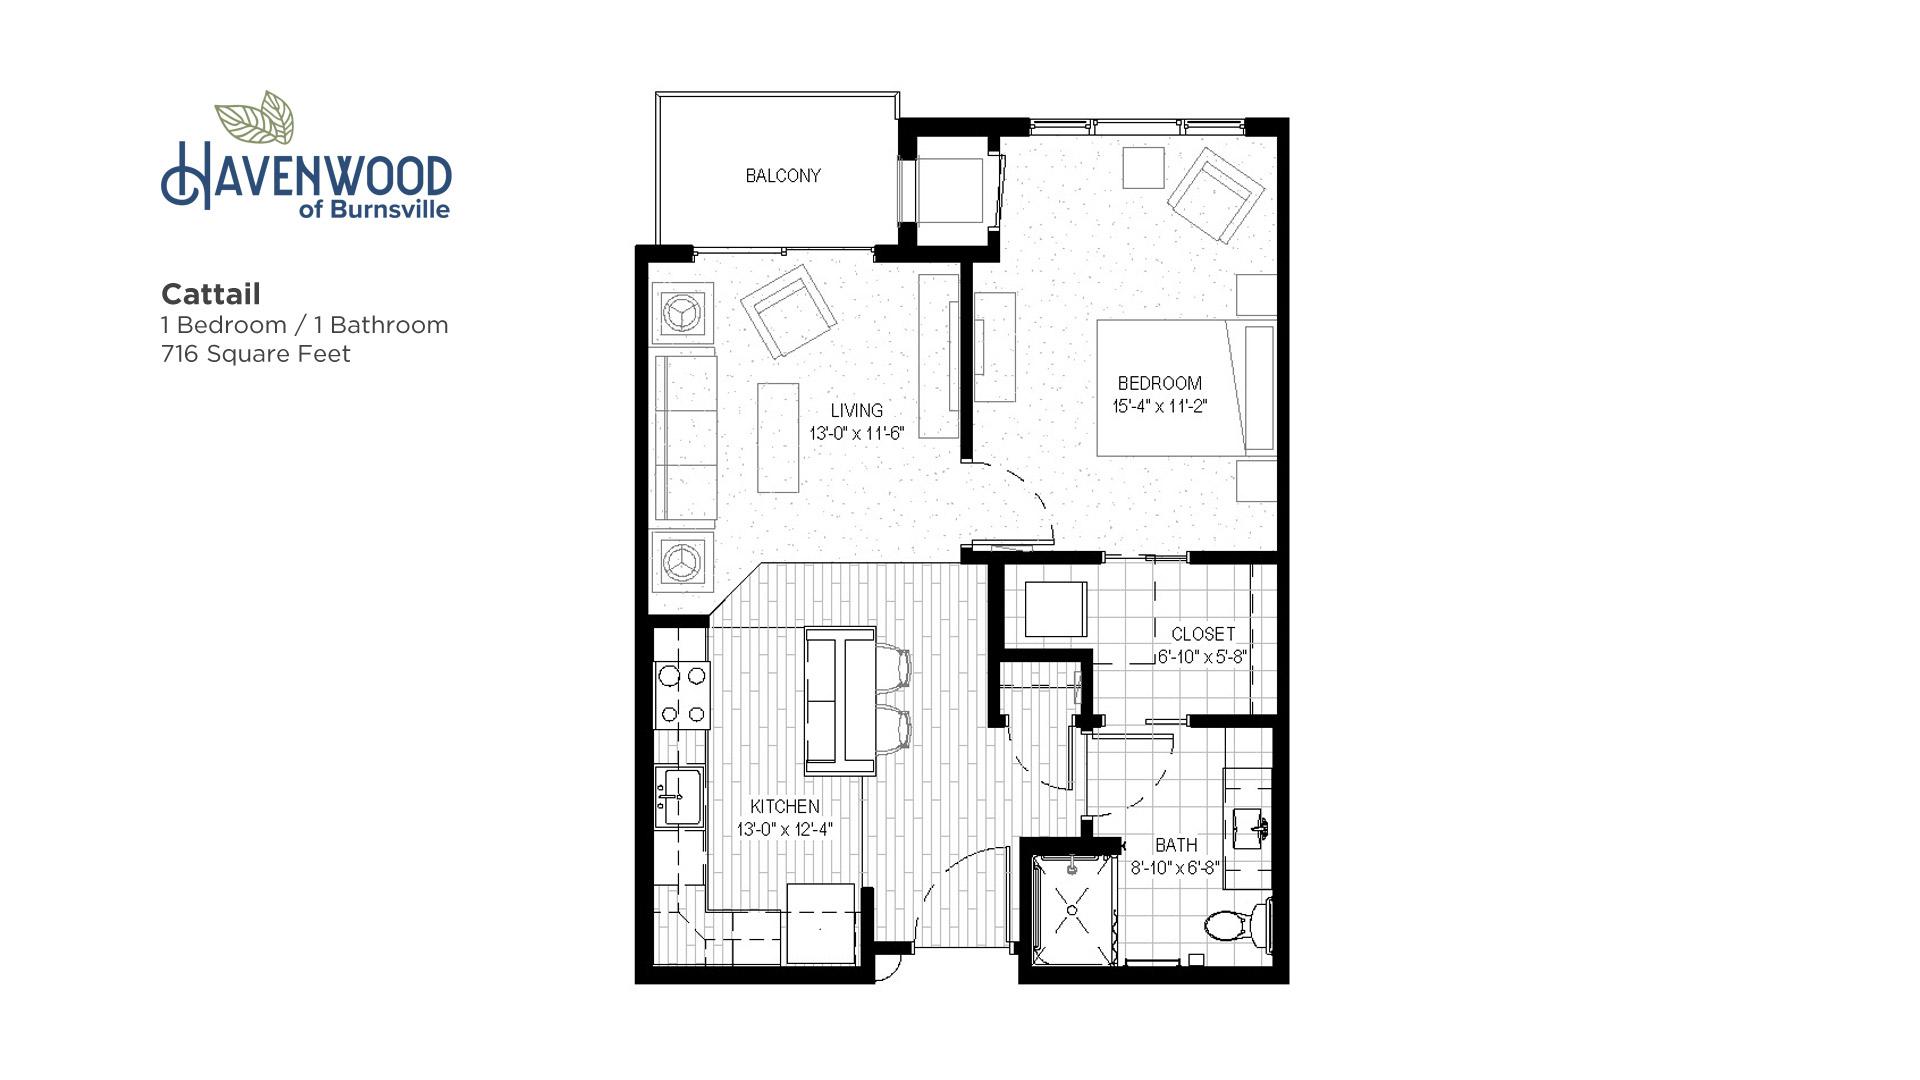 Havenwood of Burnsville Cattail Floor Plan